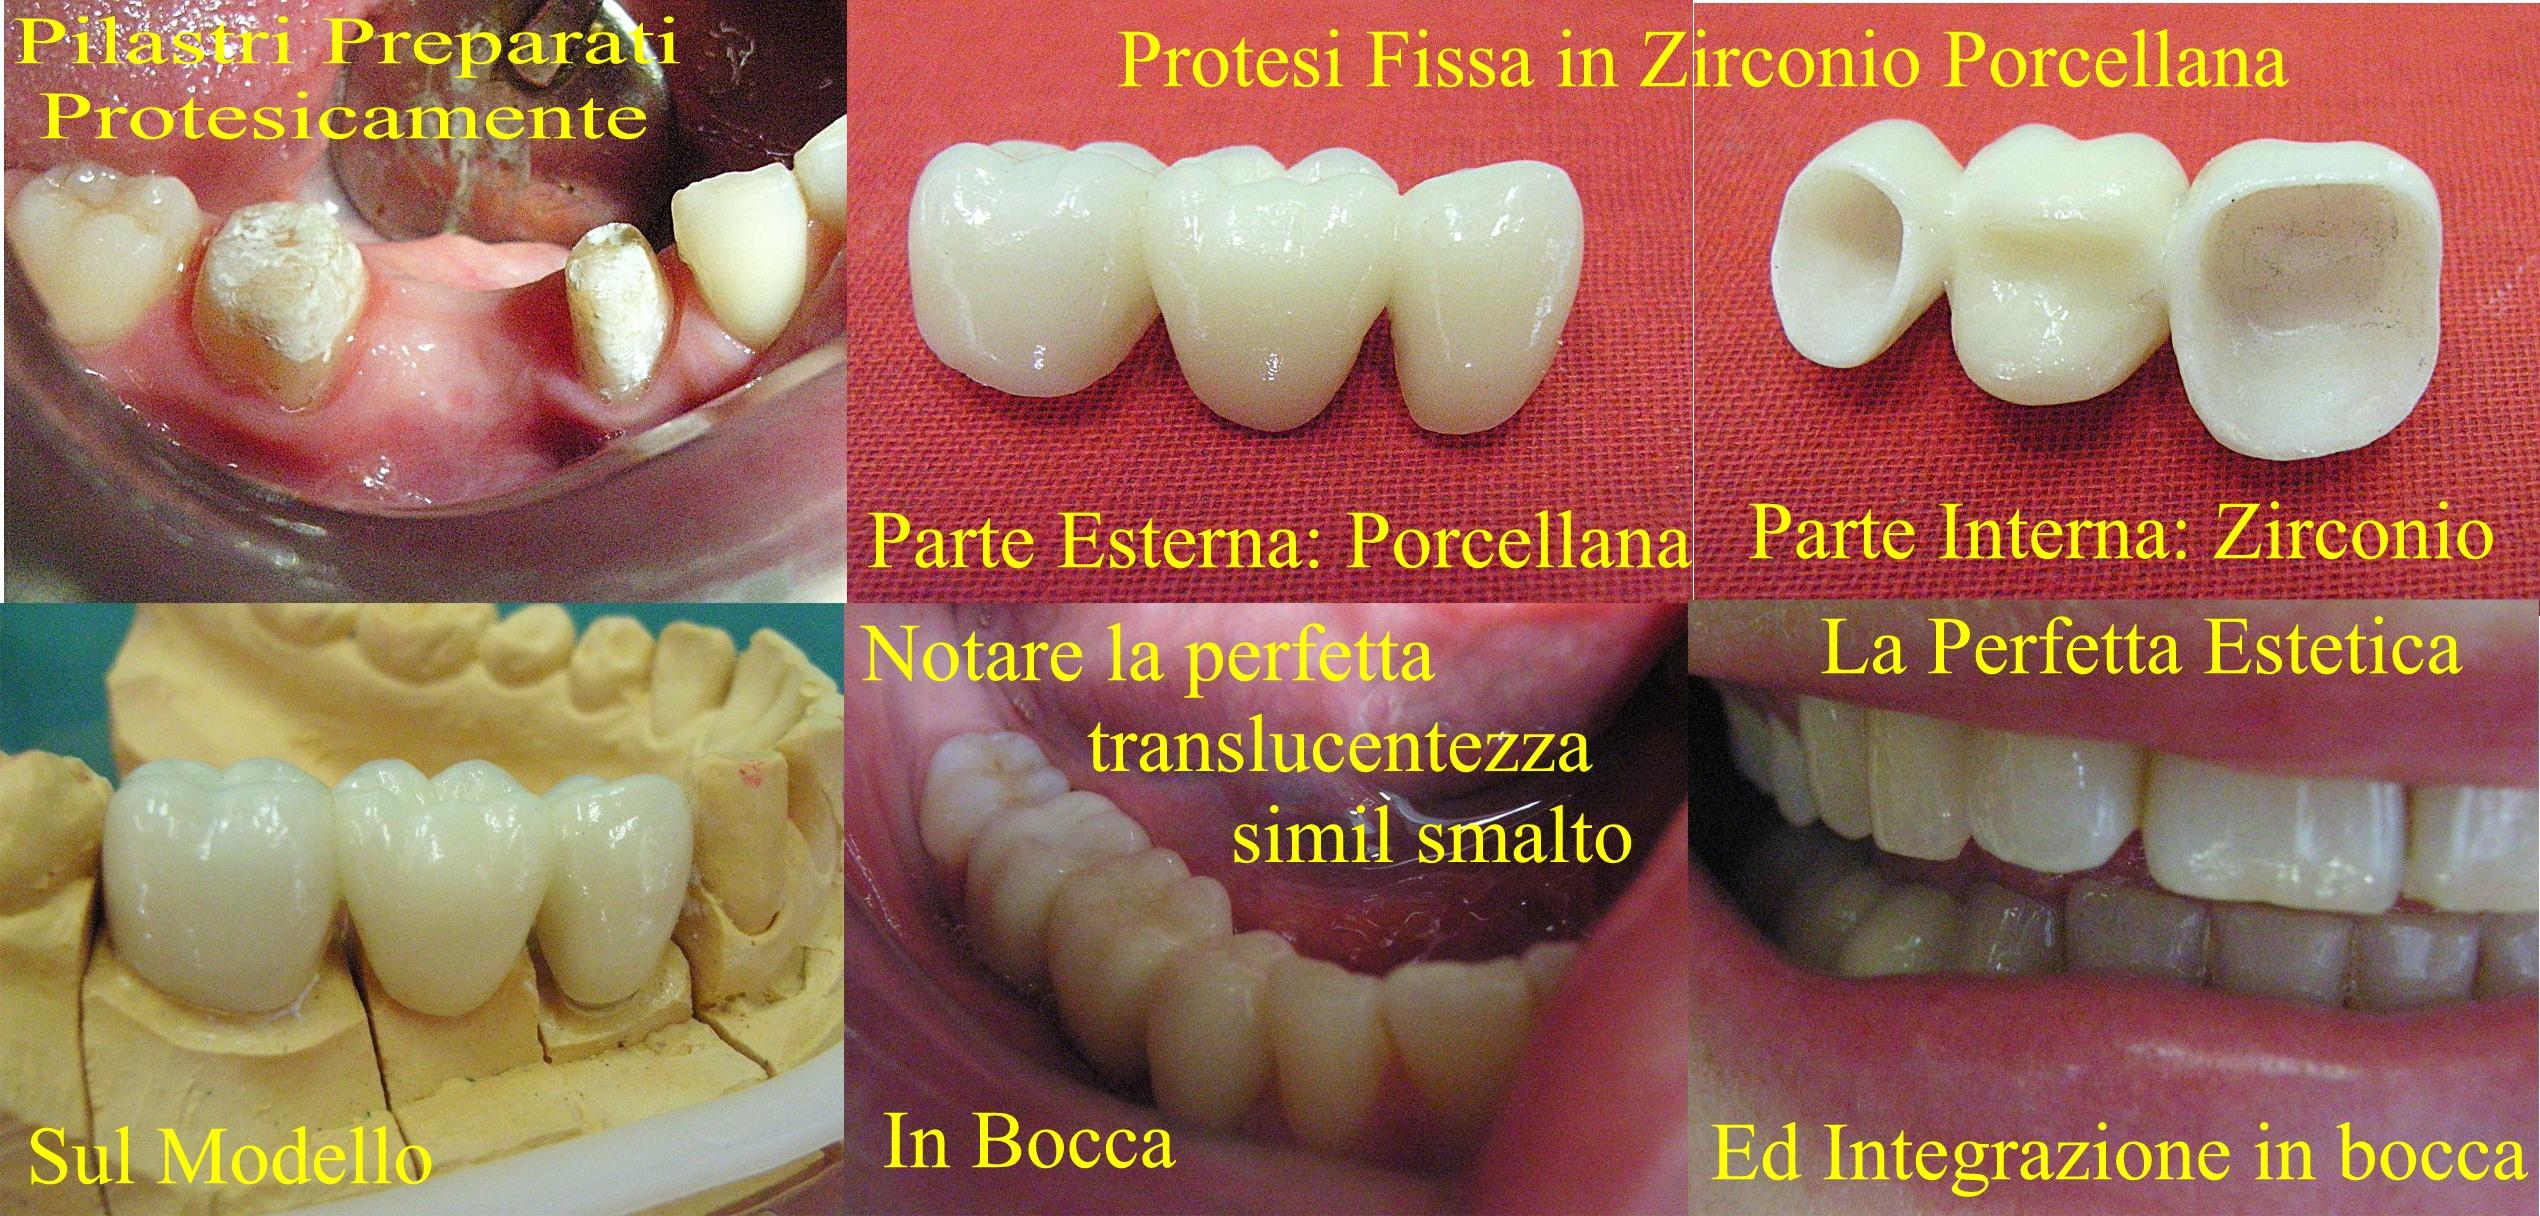 Corone in Zirconioporcellana come esempio. Da casistica Protesica della Dr.ssa Claudia Petti Protesista, Endodontista, Ortodontista Pedodontista di Cagliari